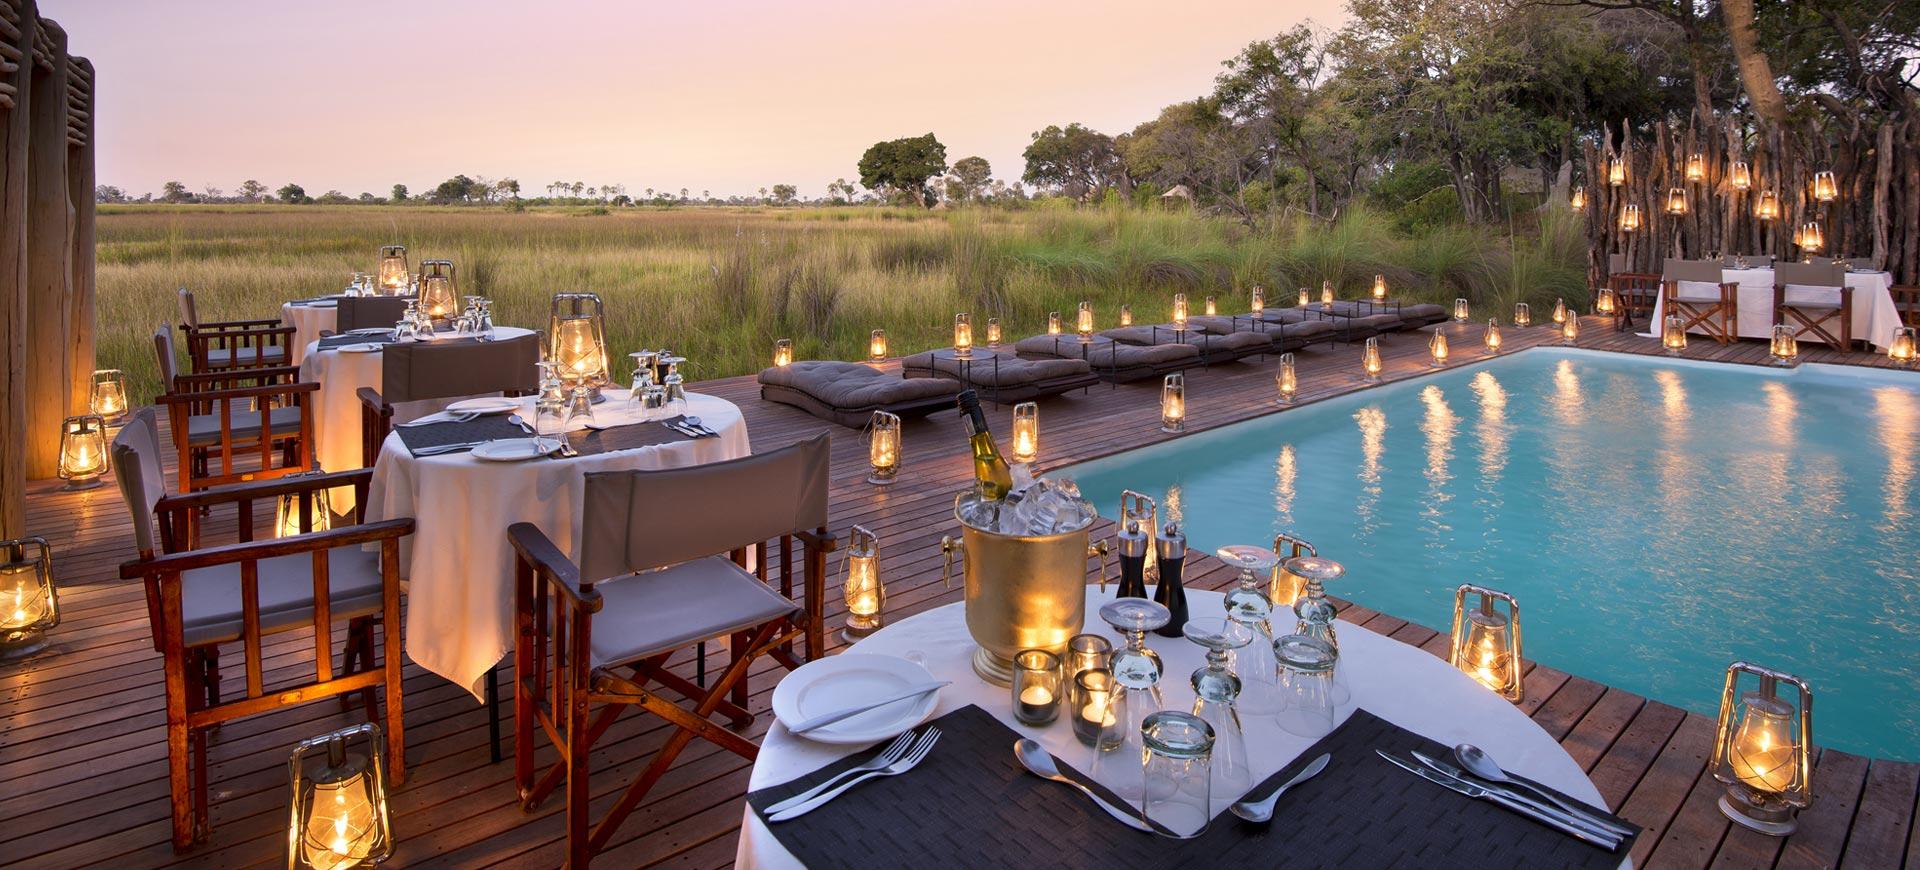 Okavango Delta Camp Nxabega